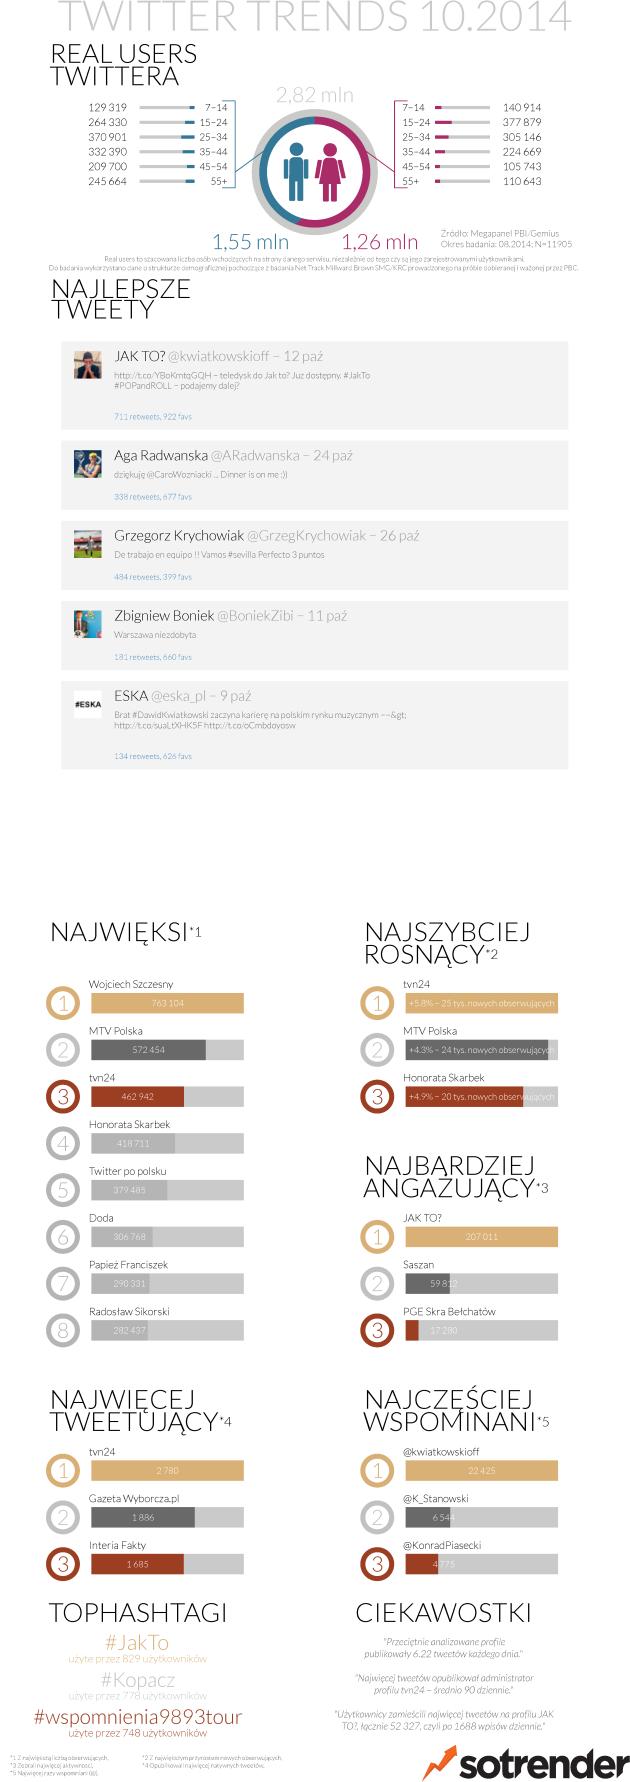 Twitter w Polsce 10.2014